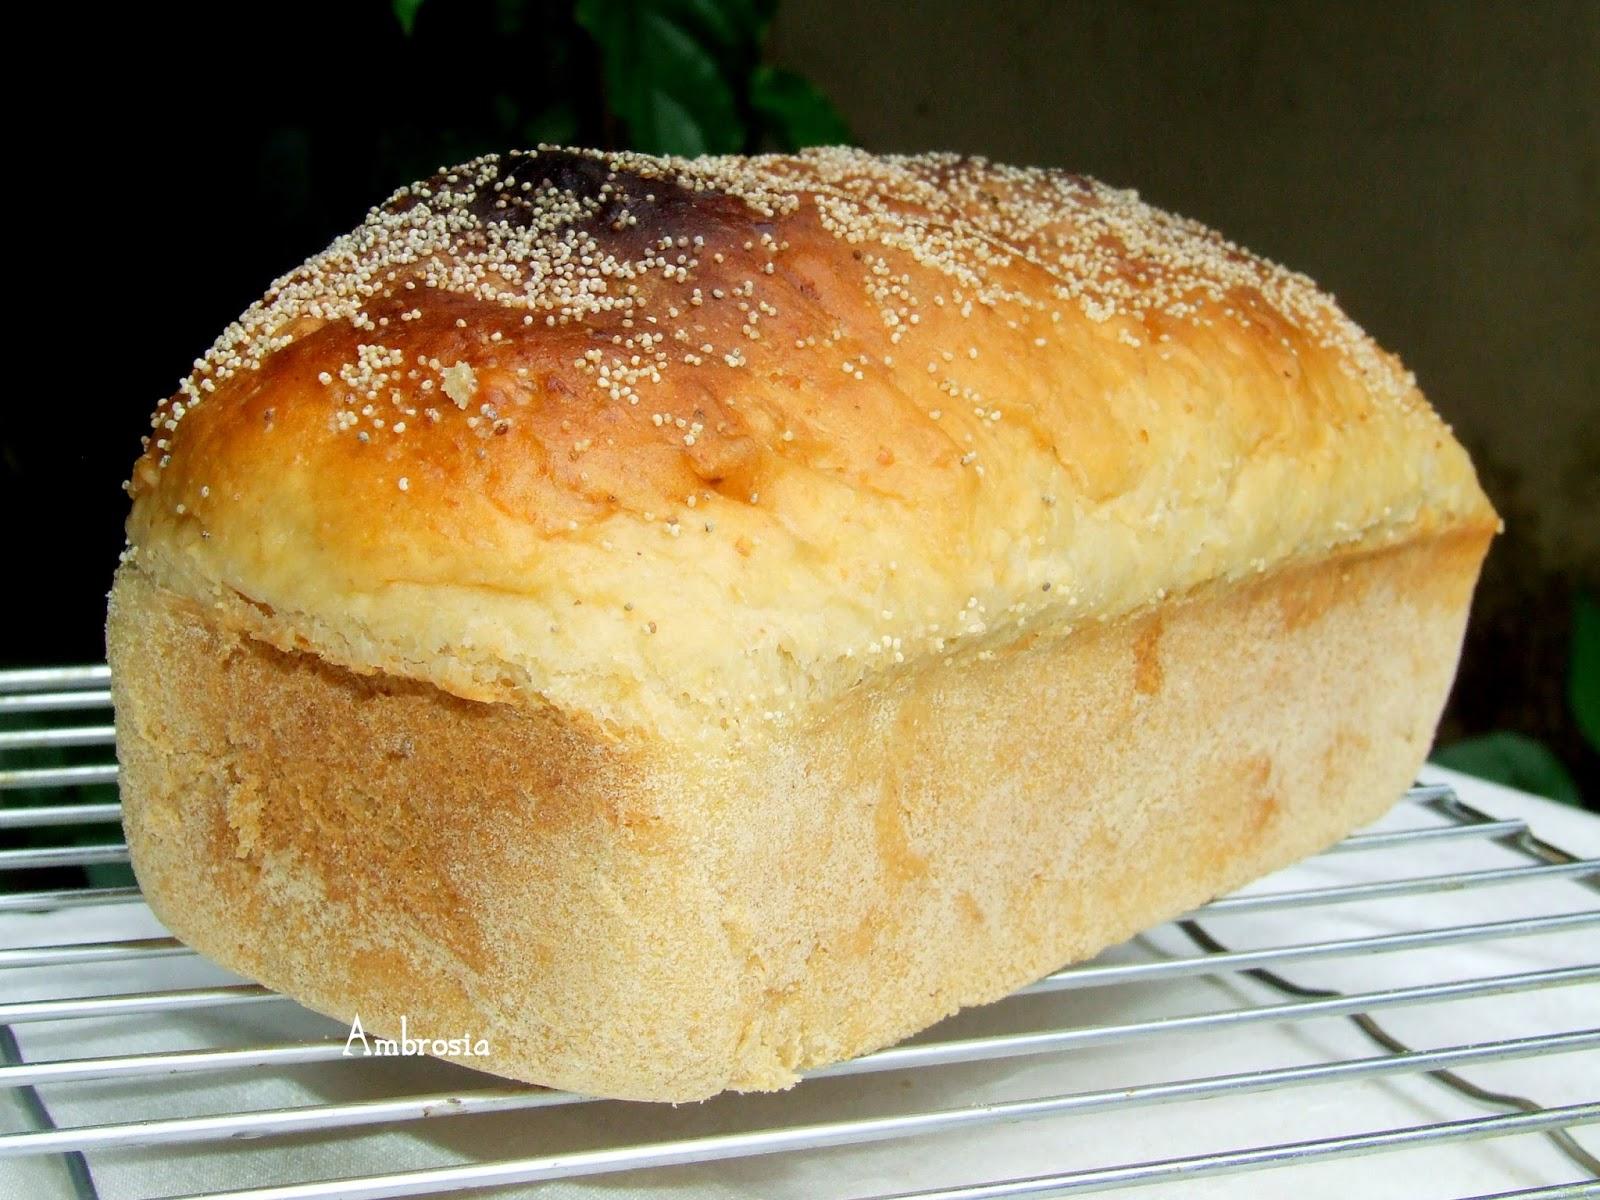 AMBROSIA: Breads